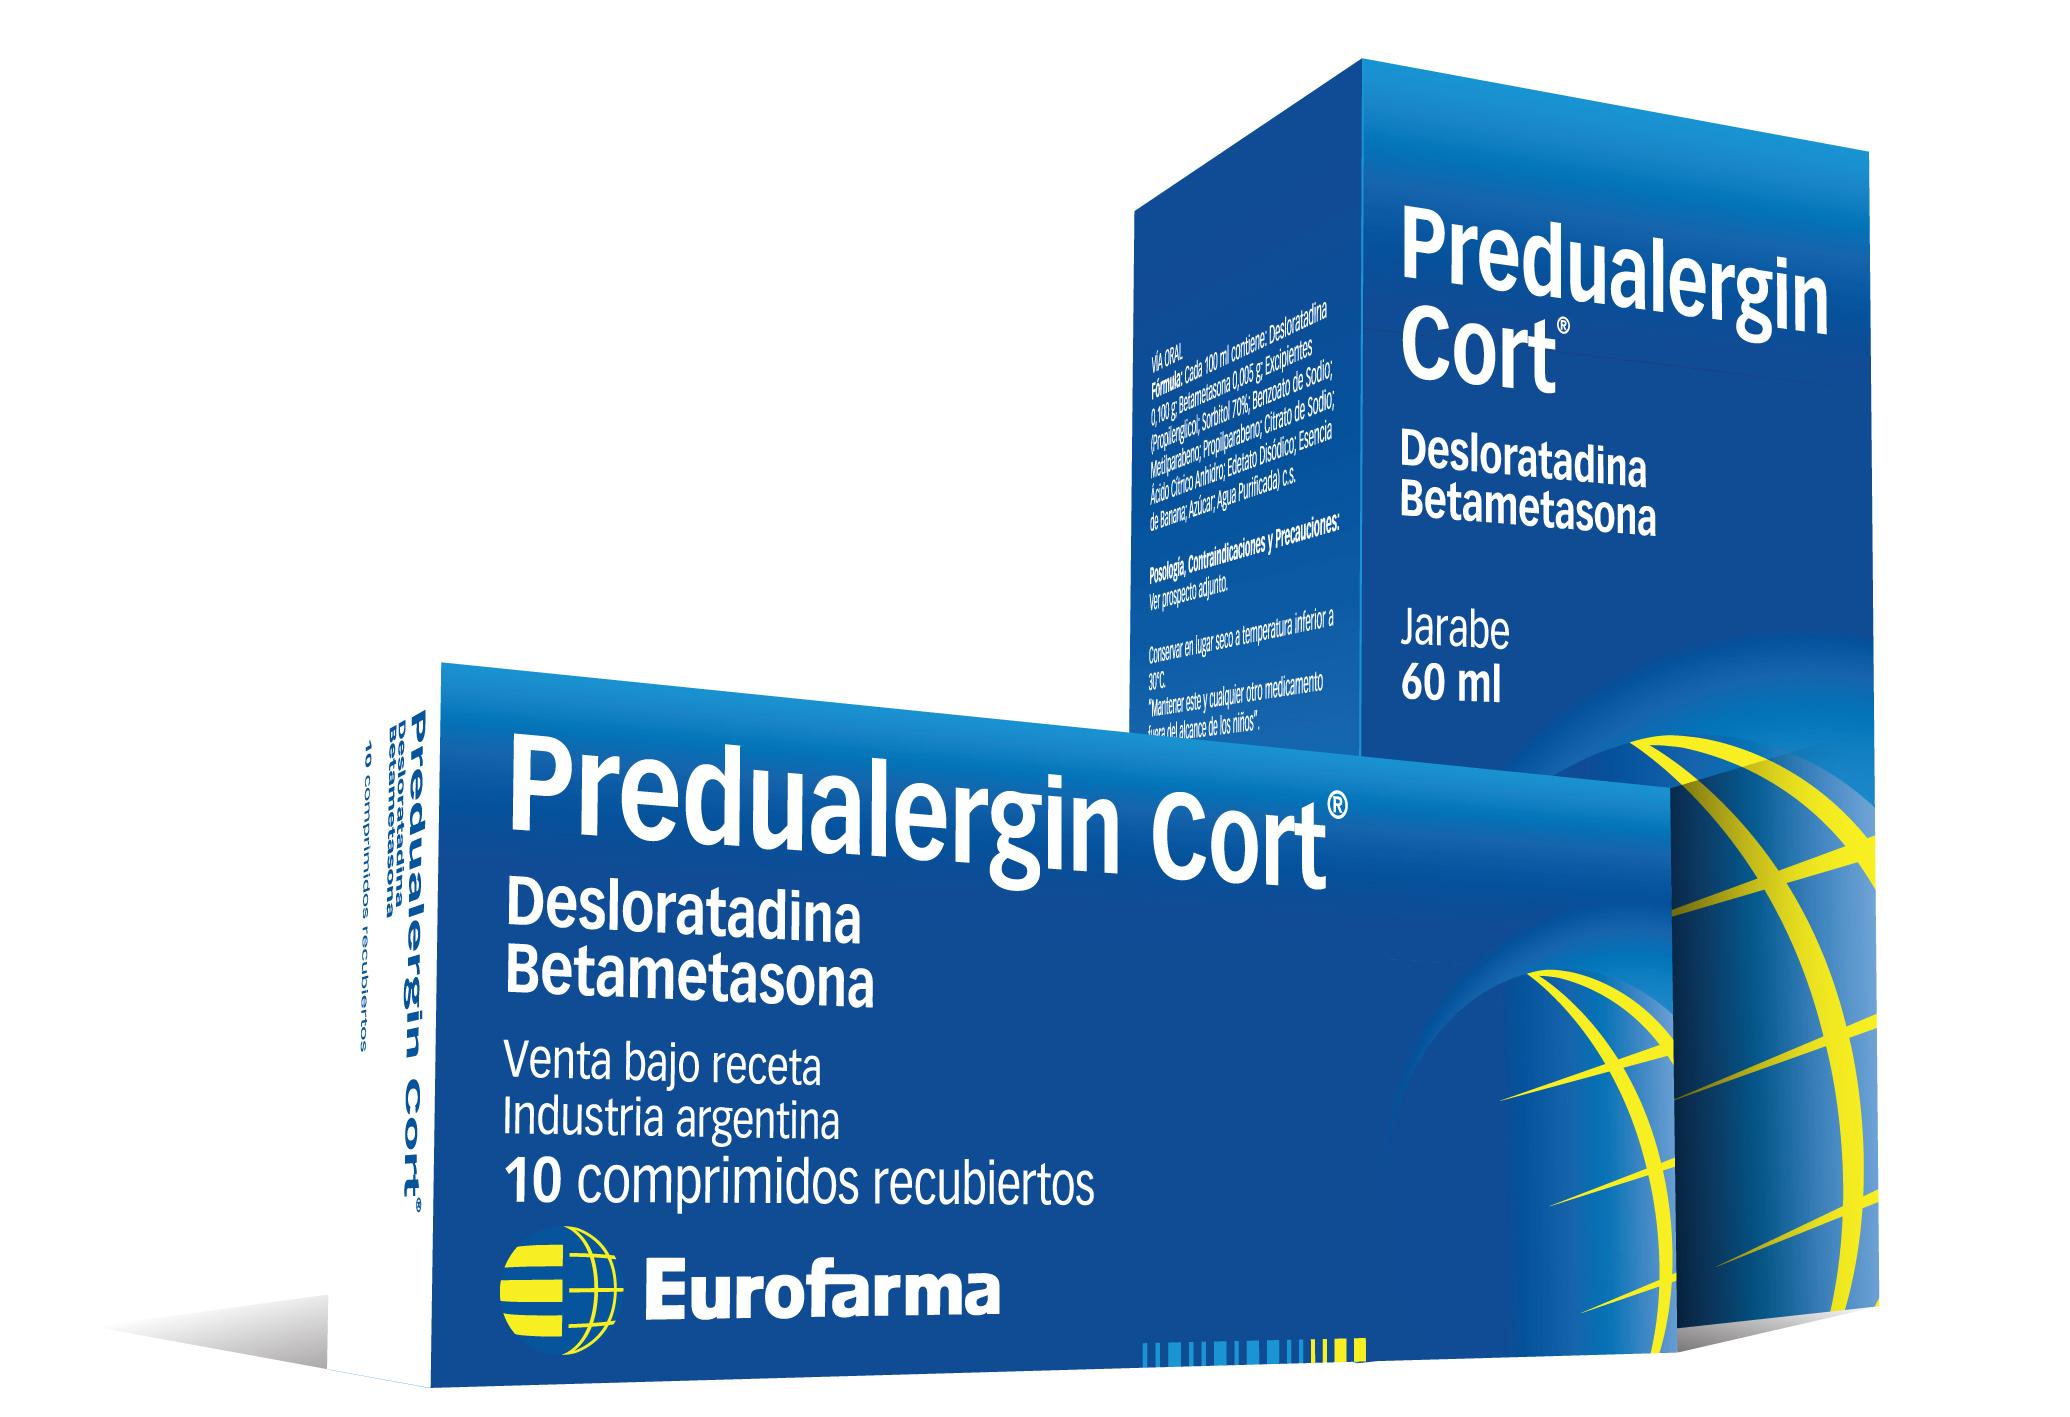 Predualergin Cort 10 Comprimidos Recubiertos / Jarabe 60 ml